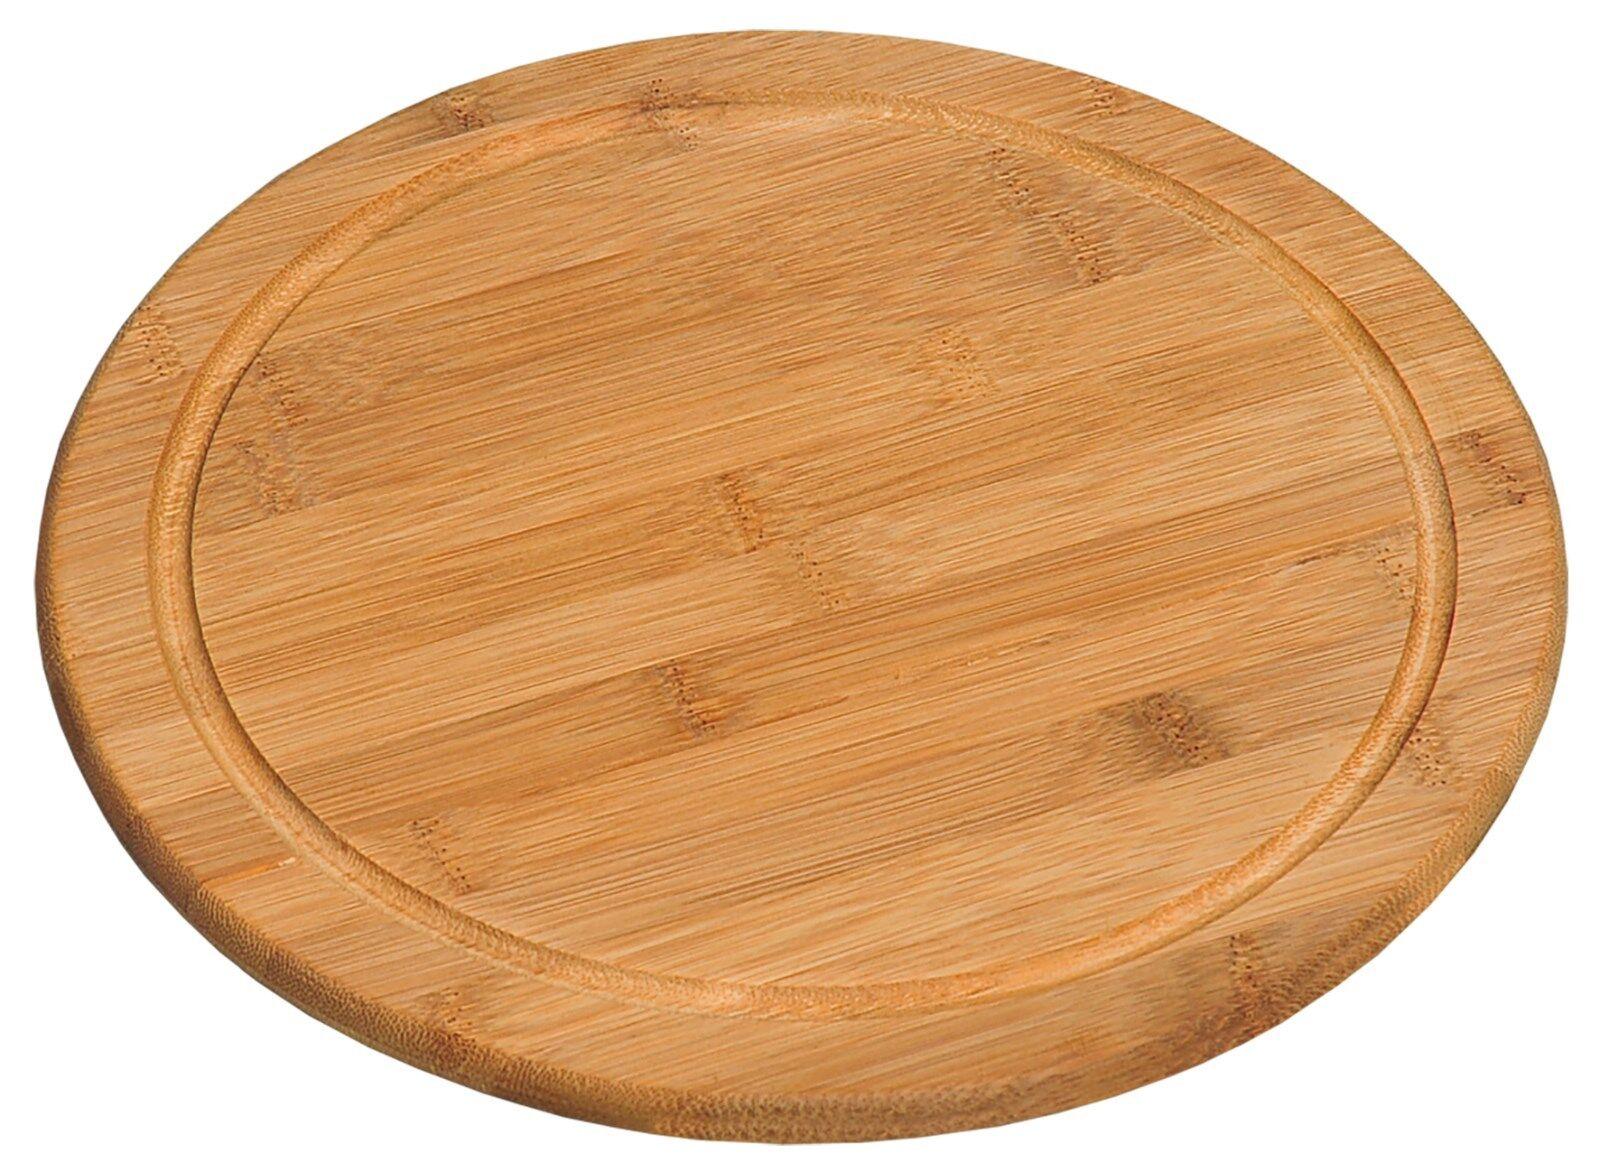 Kesper Vesperteller Maße  ø 25 cm   Stärke Stärke Stärke  1,3 cm  Bambus Fleischteller   58442   Bekannt für seine schöne Qualität  ddf984